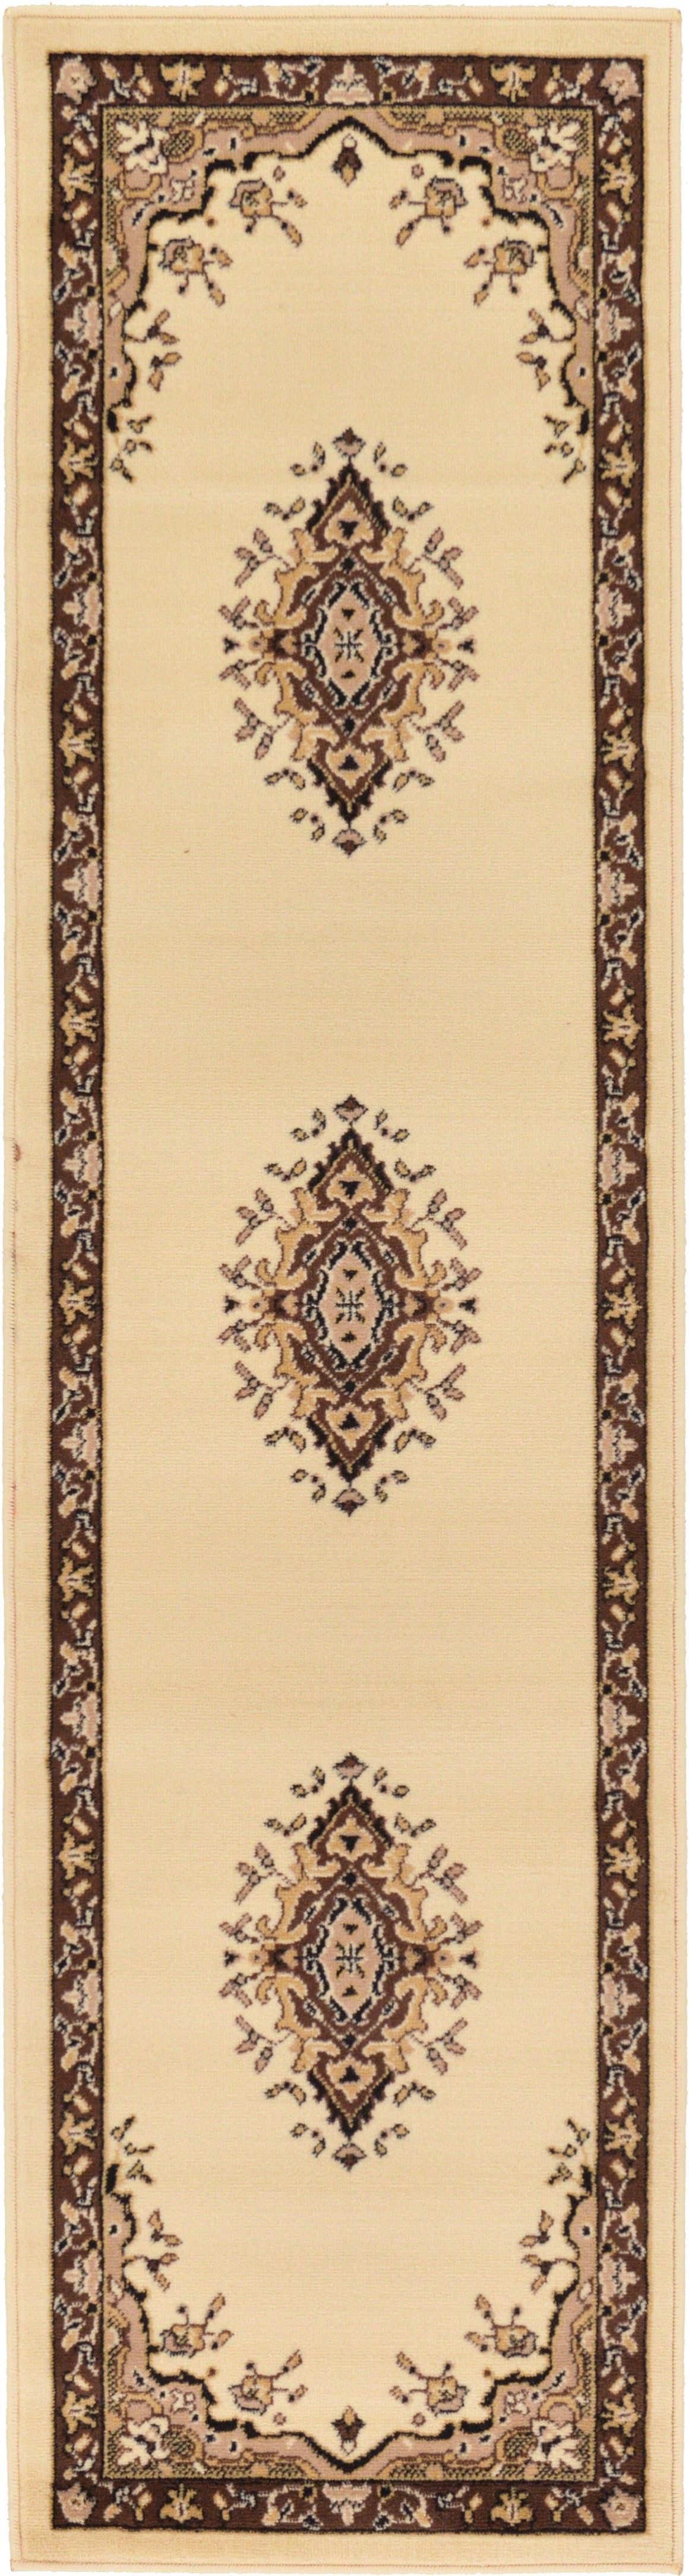 2' 2 x 8' 2 Mashad Design Runner Rug main image